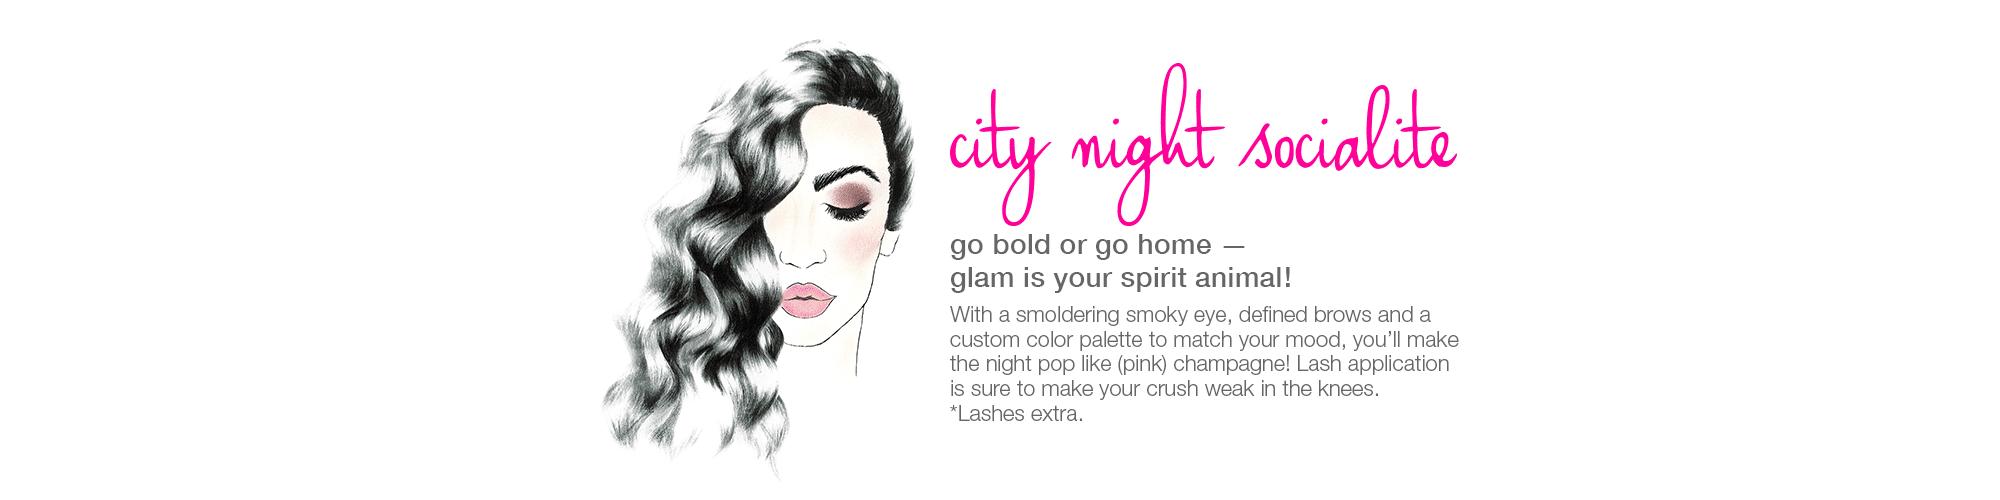 makeup - blo blow dry bar